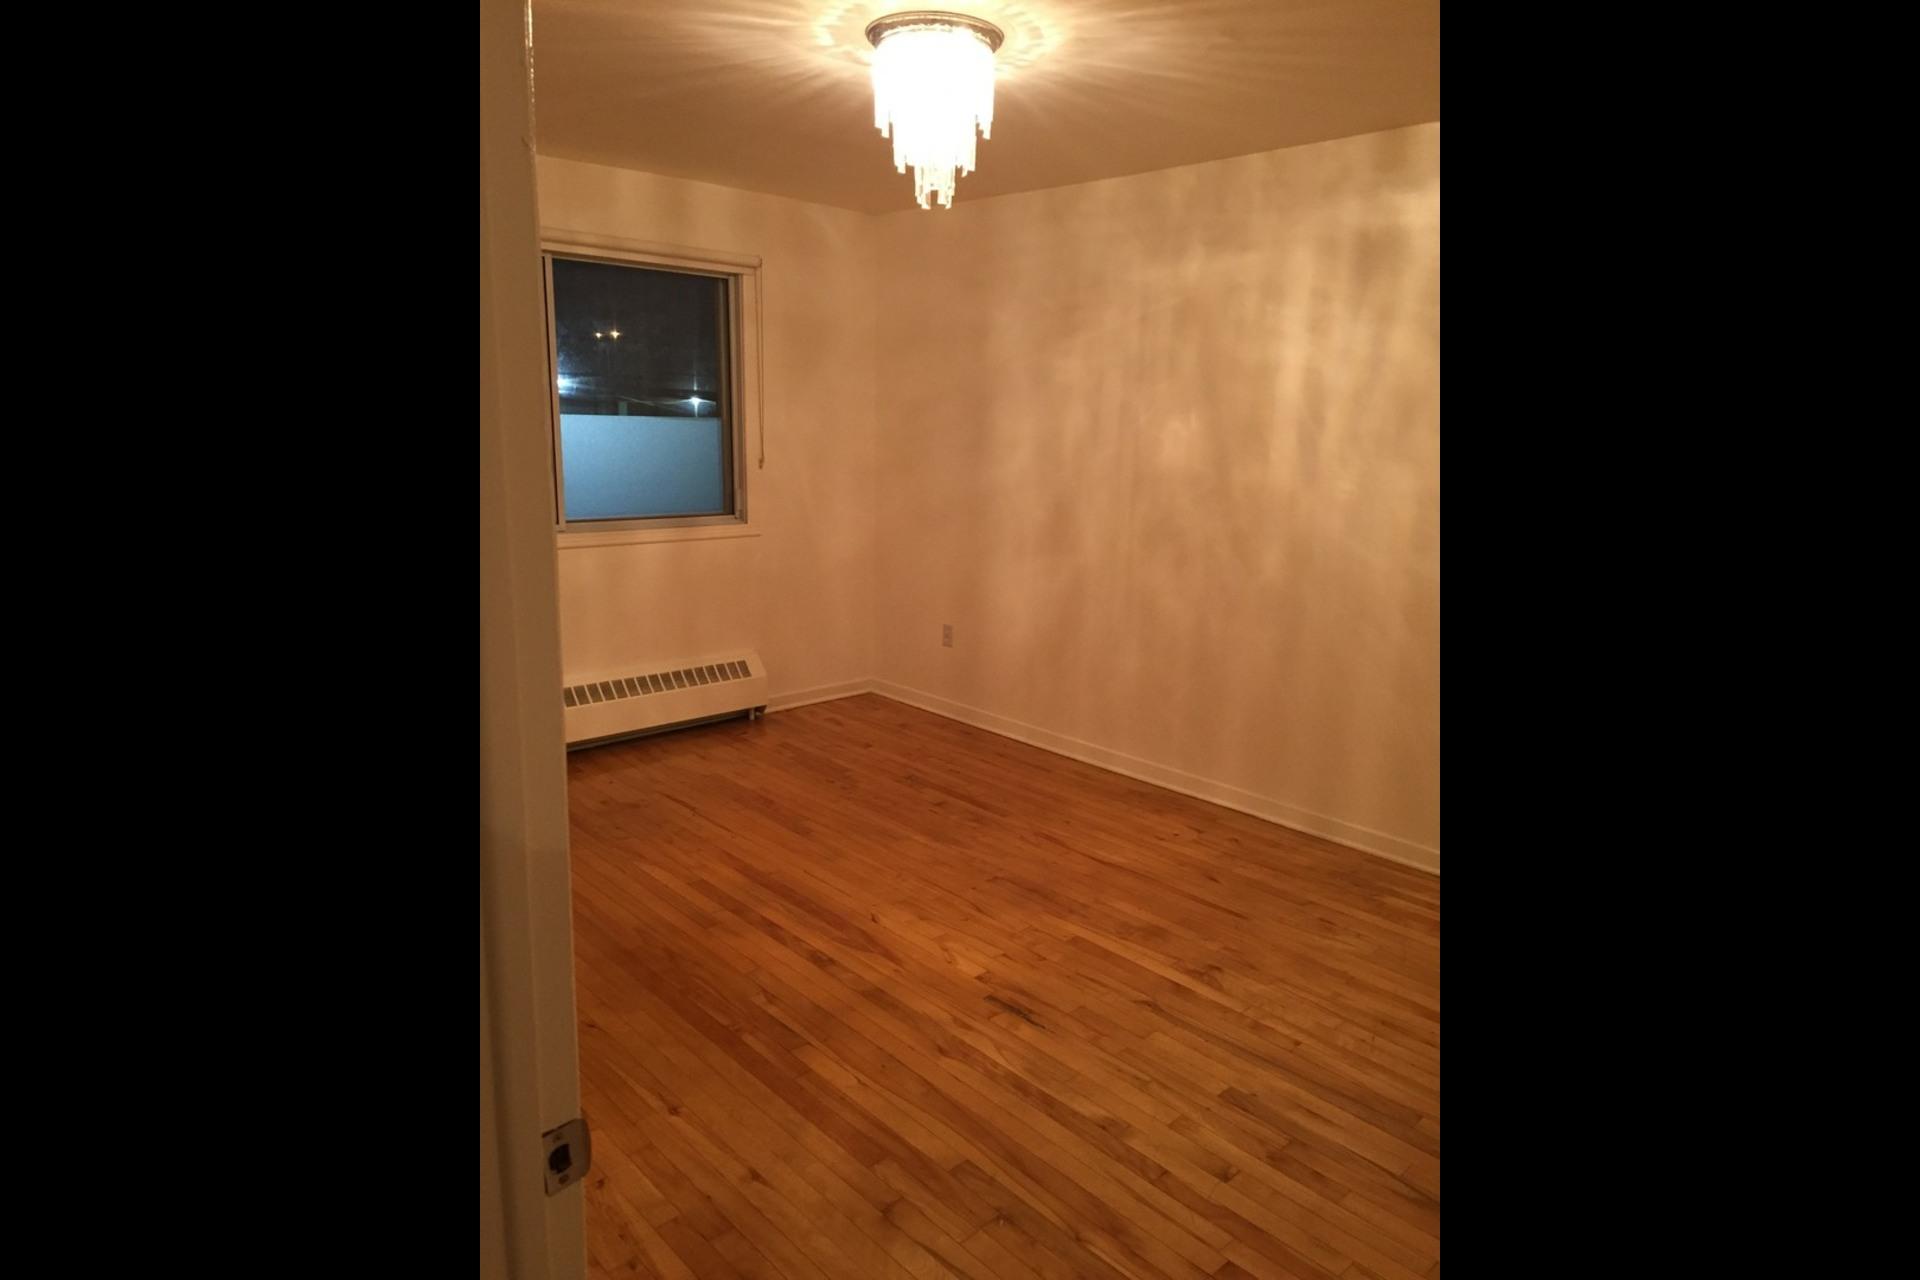 image 2 - Appartement À louer Montréal Saint-Leonard - 5 pièces